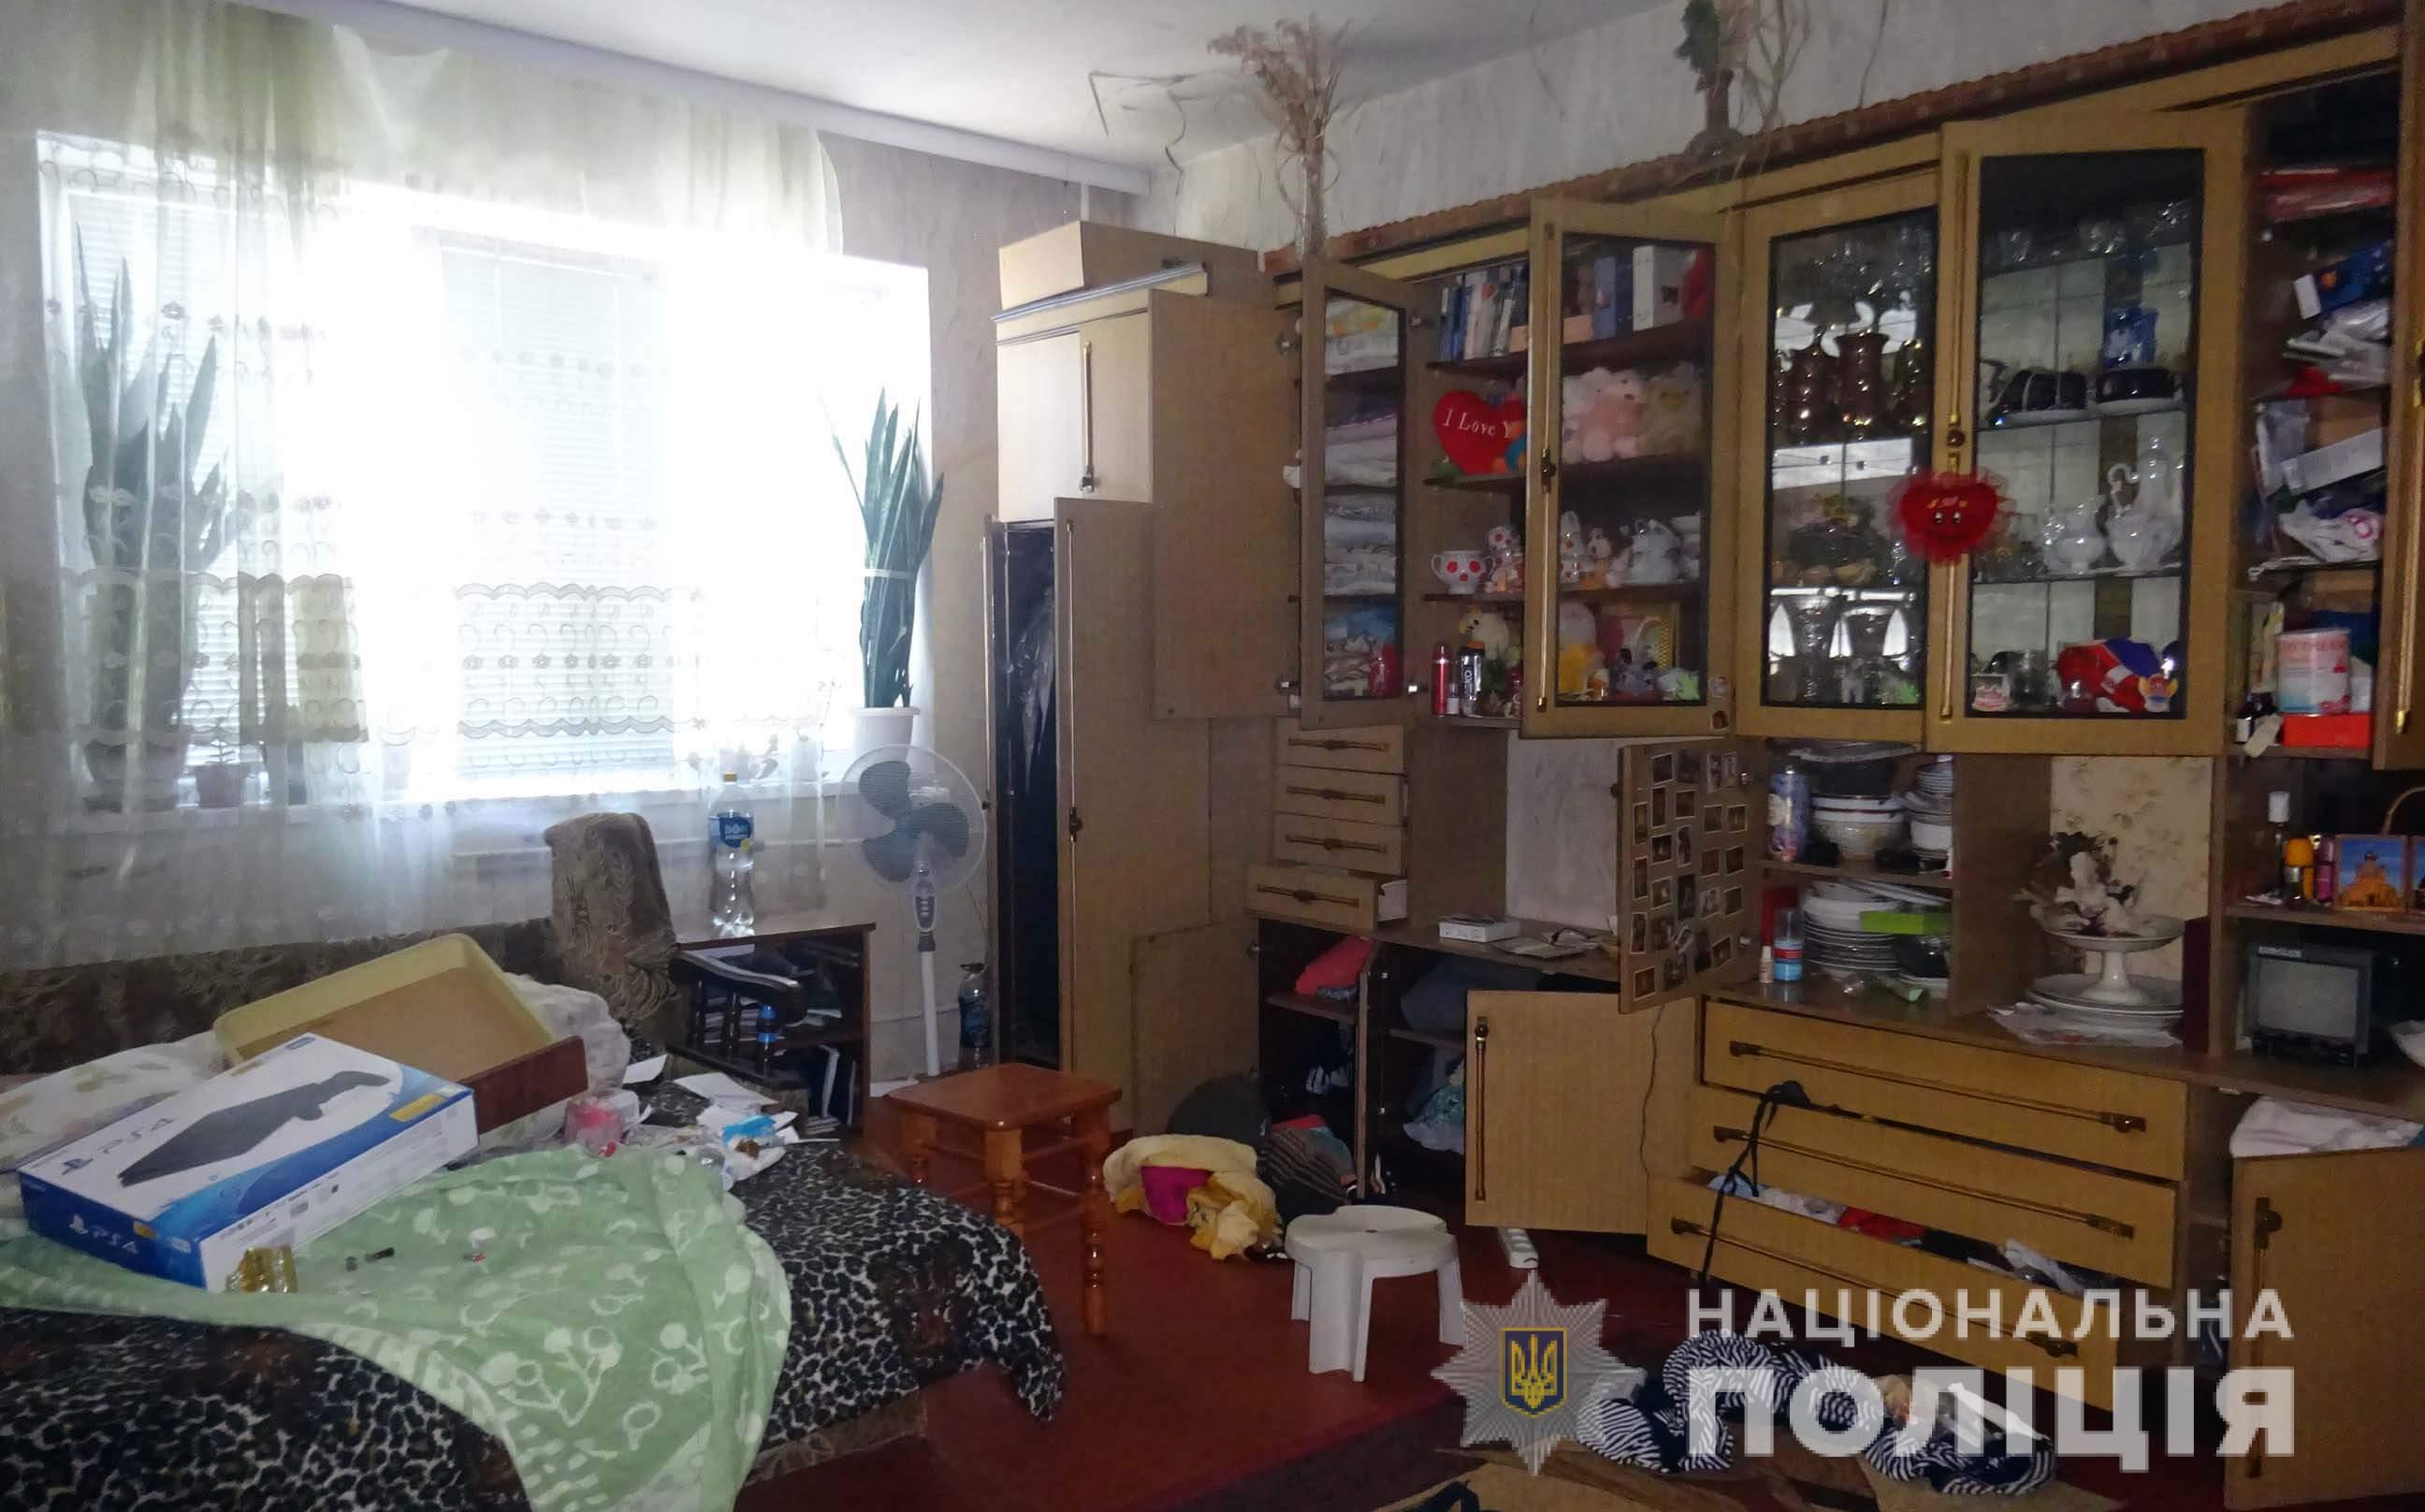 Искусных воров-домушников задержали в Киеве (ФОТО)